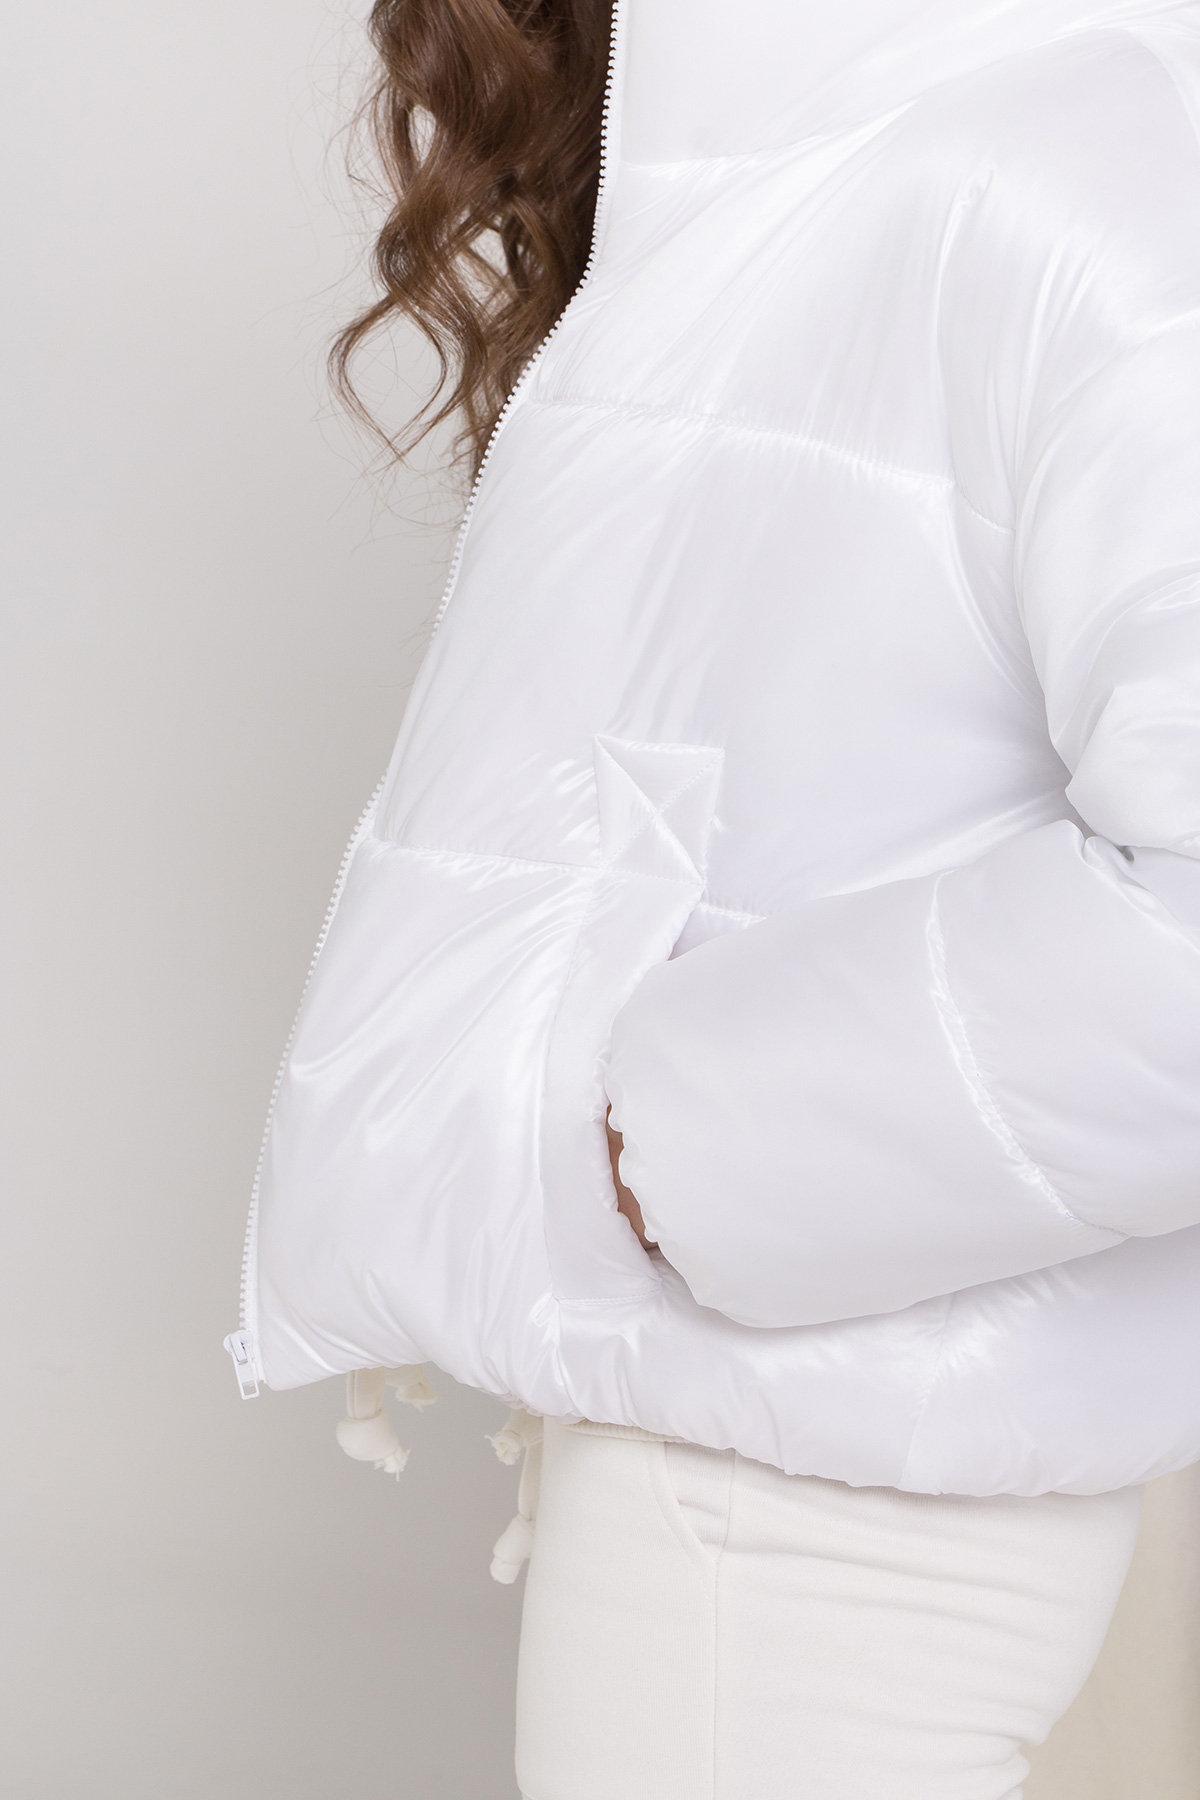 Куртка Драйв 8989 АРТ. 45295 Цвет: Белый - фото 5, интернет магазин tm-modus.ru